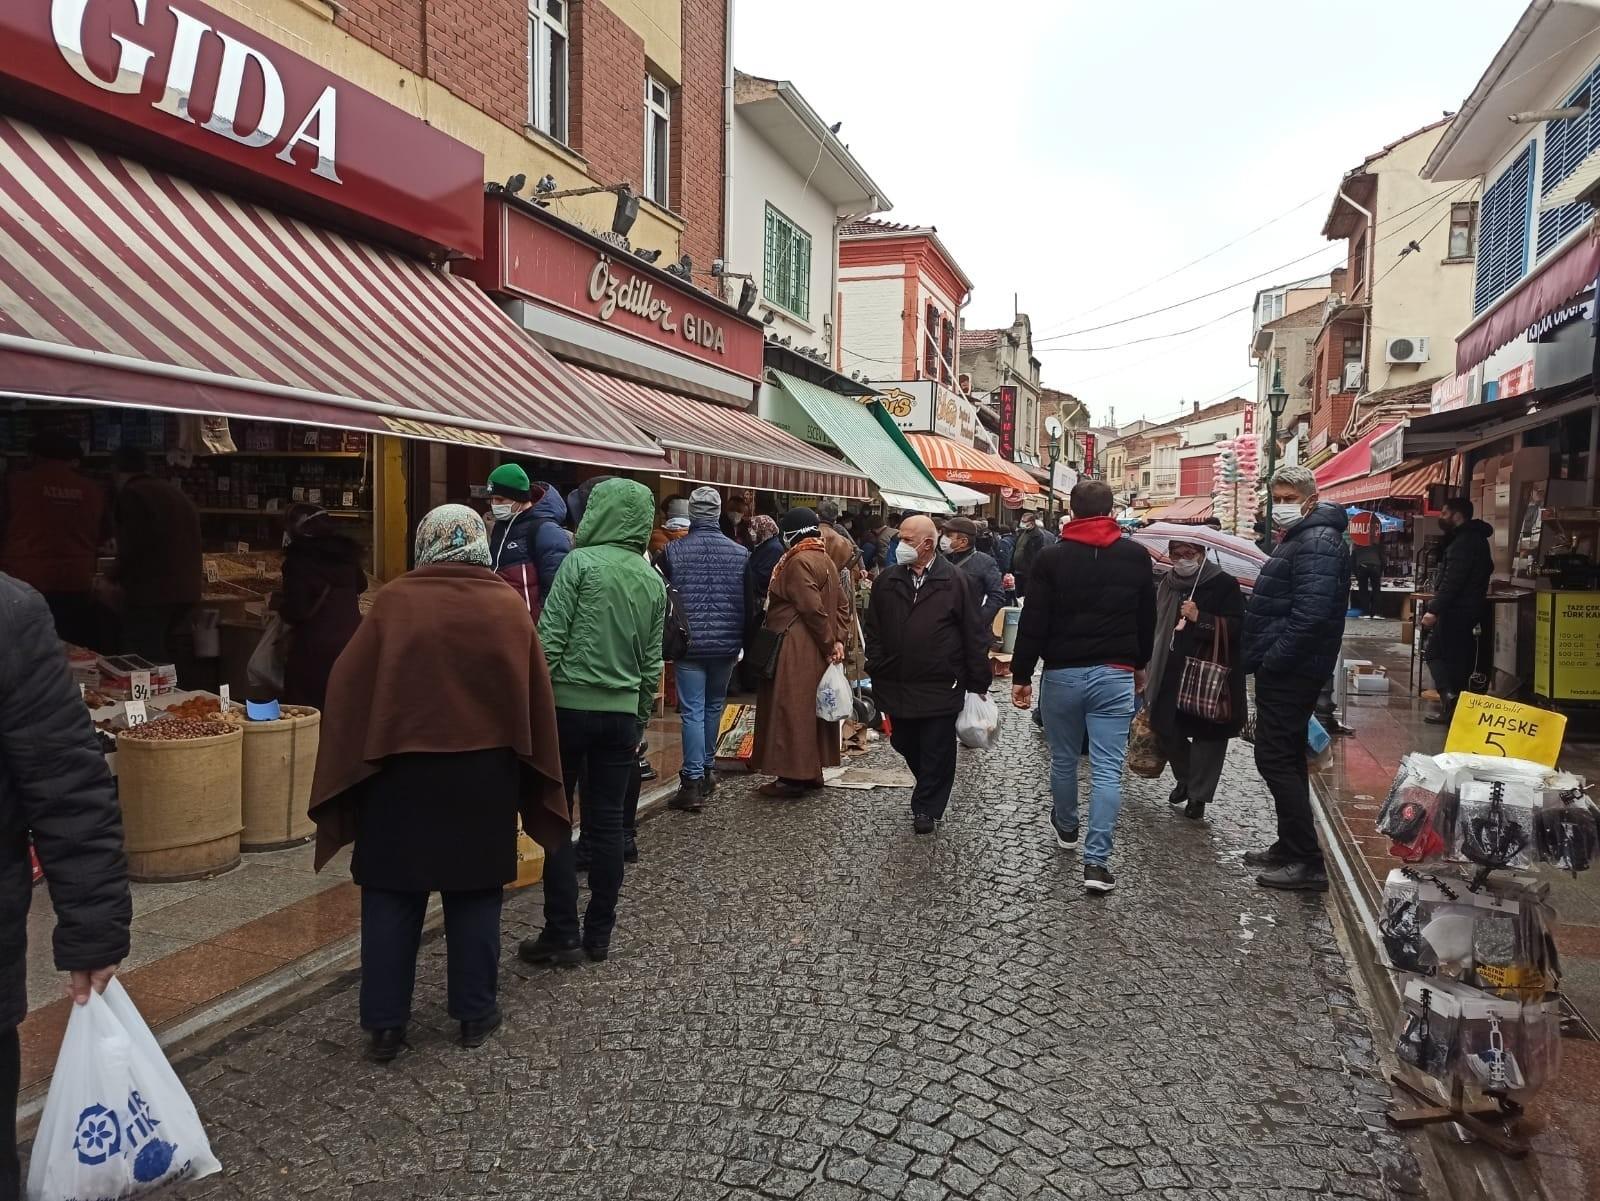 Ramazan için alışveriş yapanlar dükkan önlerinde uzun kuyruklar oluşturdu